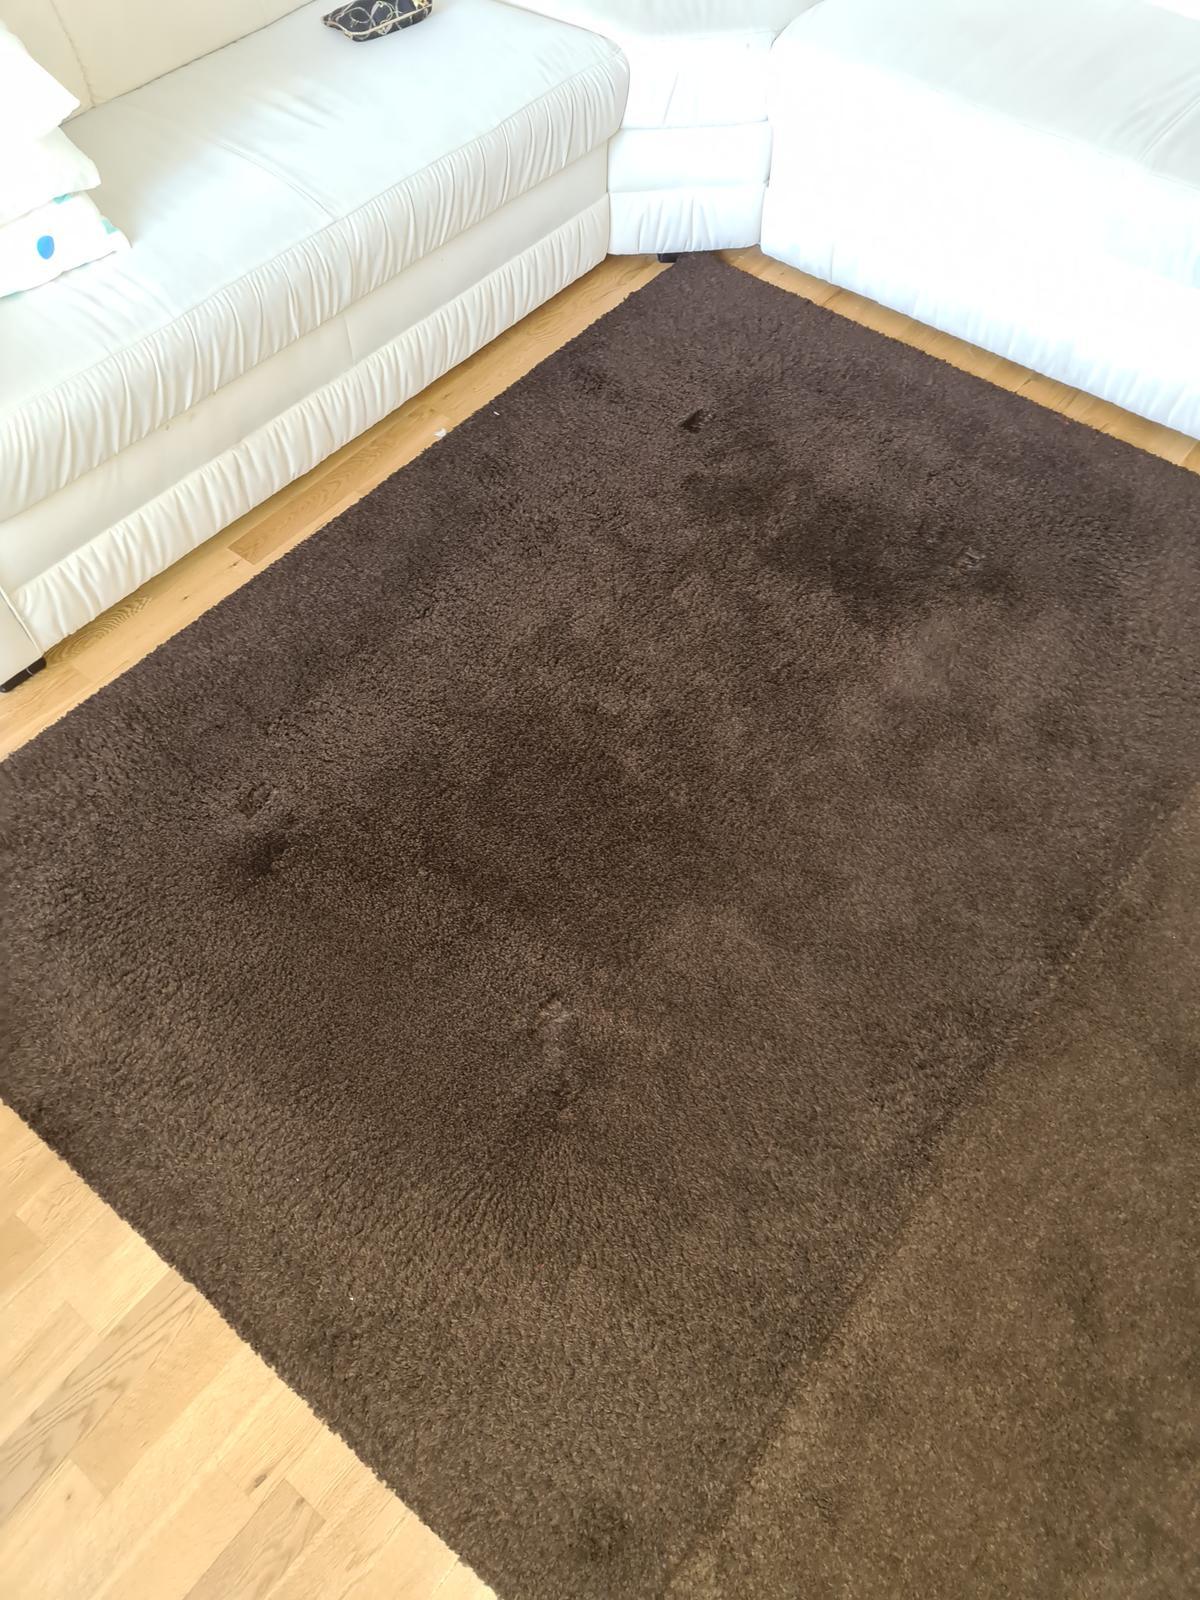 Adum koberec ikea 133x195 cm tmavohnedy - Obrázok č. 1